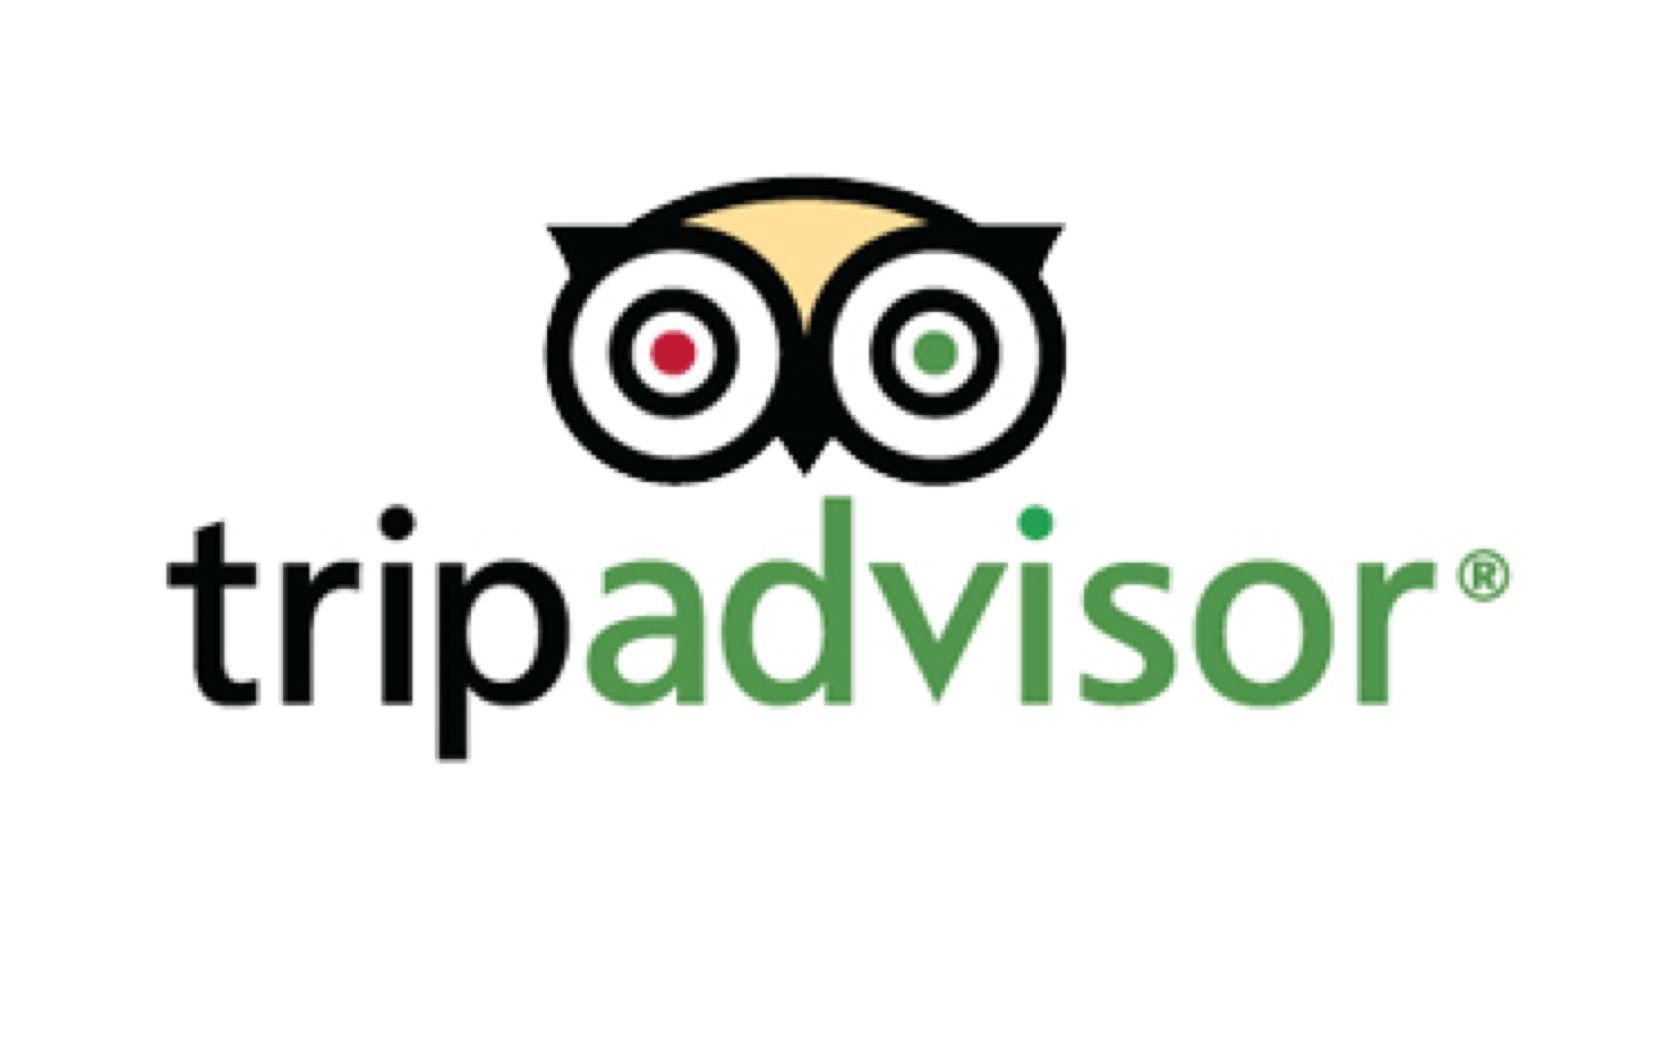 Tripadvisor Logo Transparent